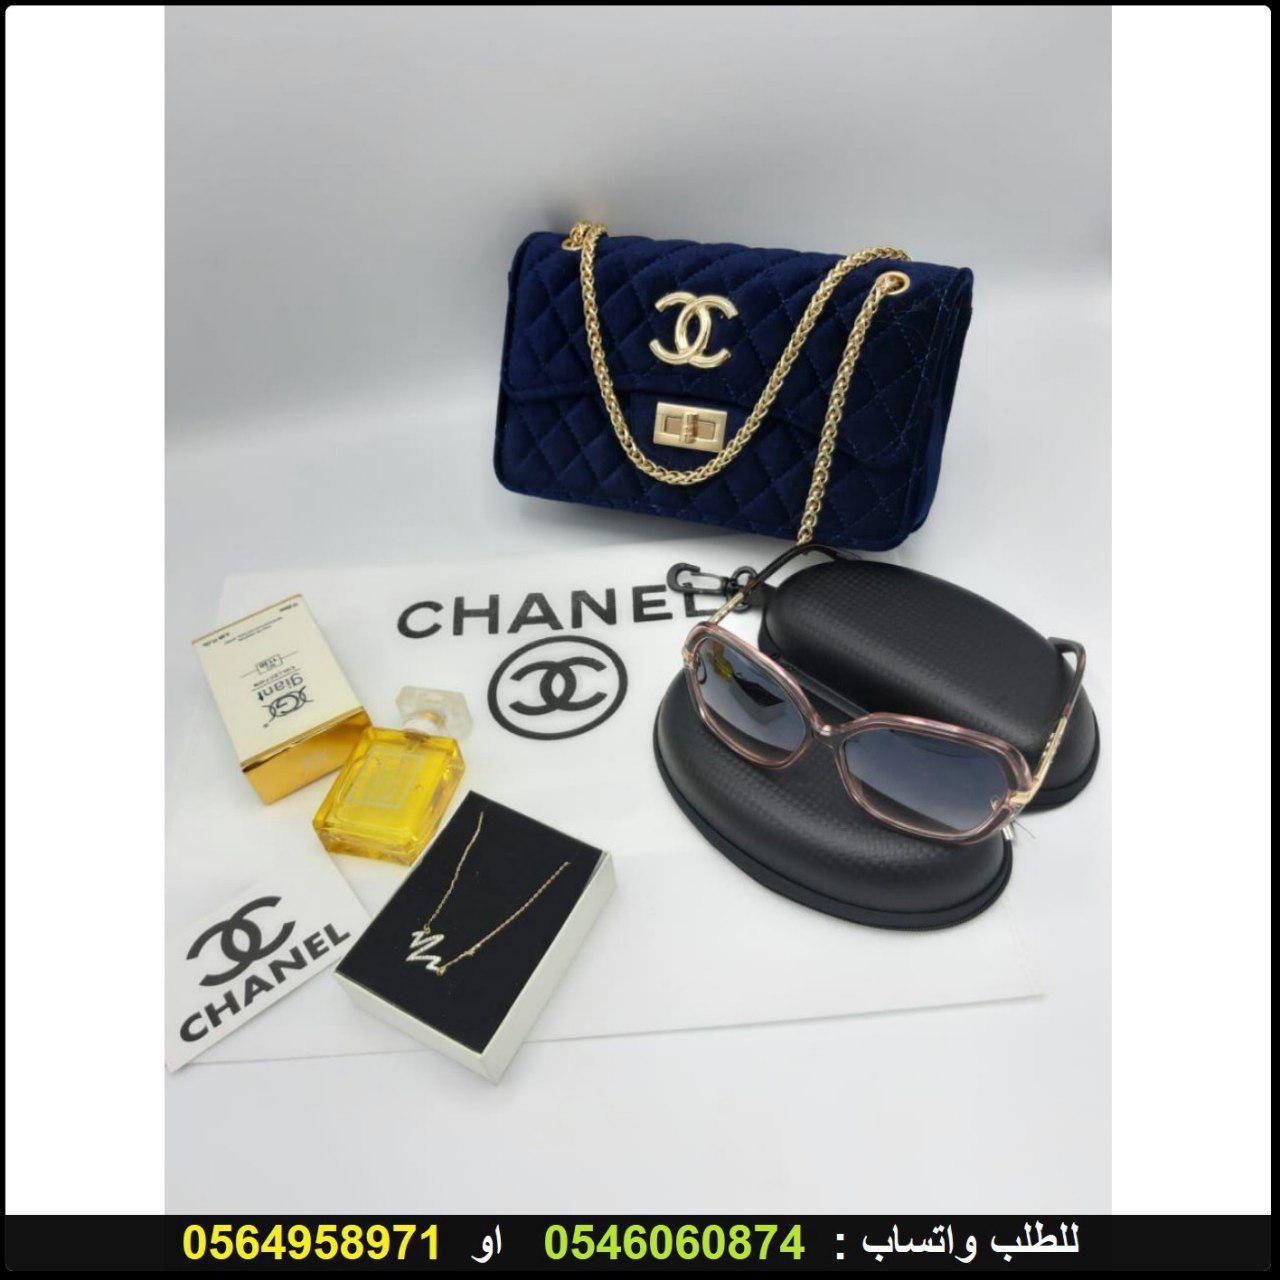 شنط شانيل نسائي Chanel مع نظارات شانيل و سلسال نبض القلب و عطر هدايا هنوف Chloe Drew Bags Crossbody